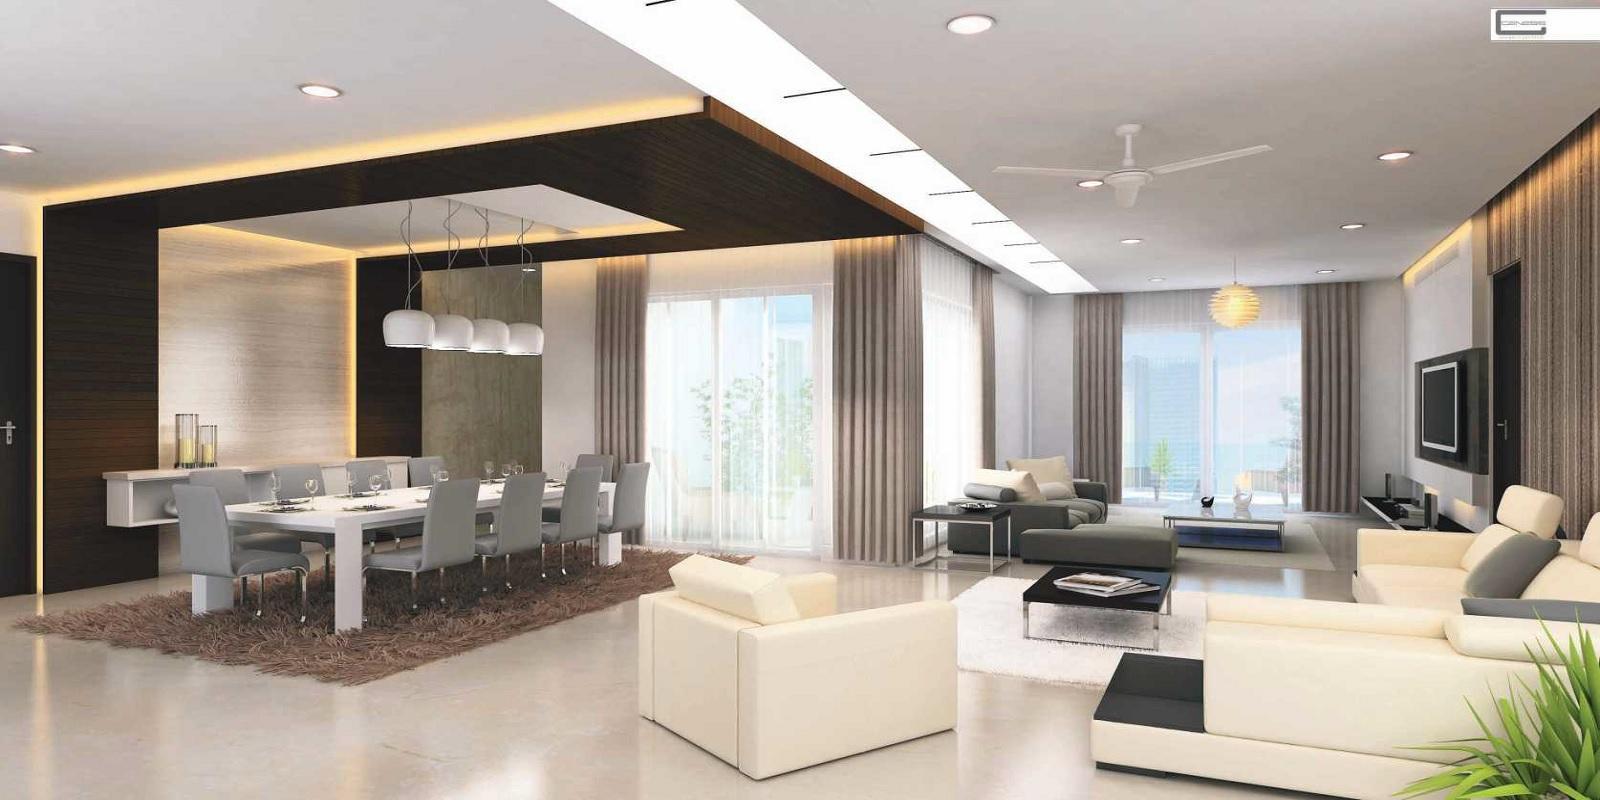 apartment-interiors-Picture-jayabheri-the-peak-2375016